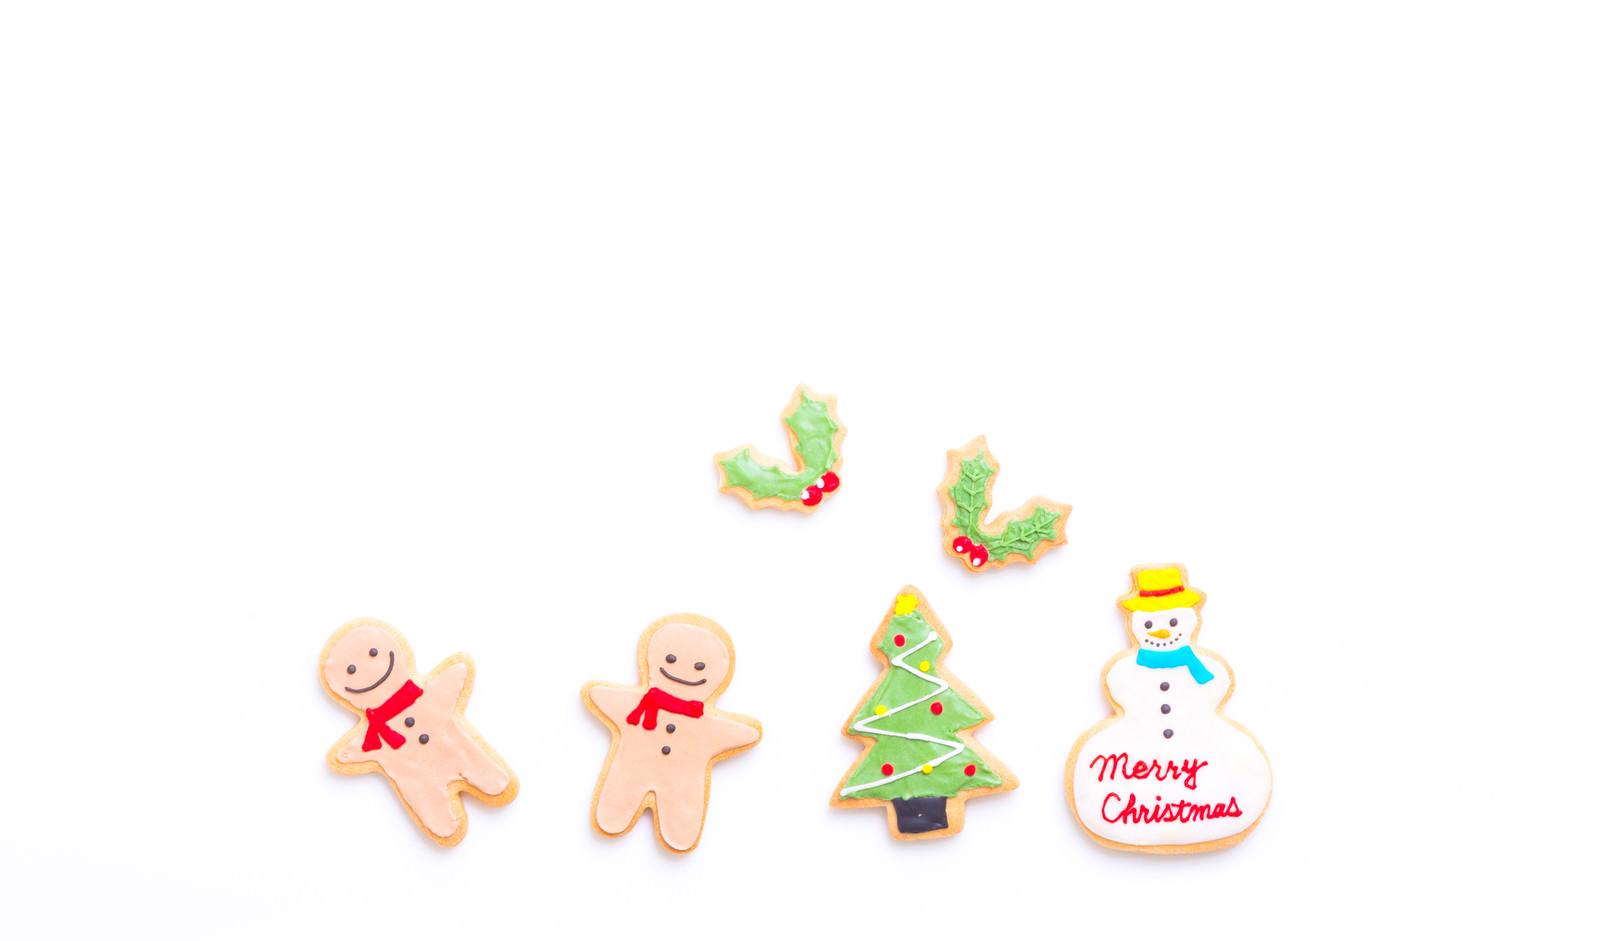 「2人でメリークリスマス(アイシングクッキー)2人でメリークリスマス(アイシングクッキー)」のフリー写真素材を拡大